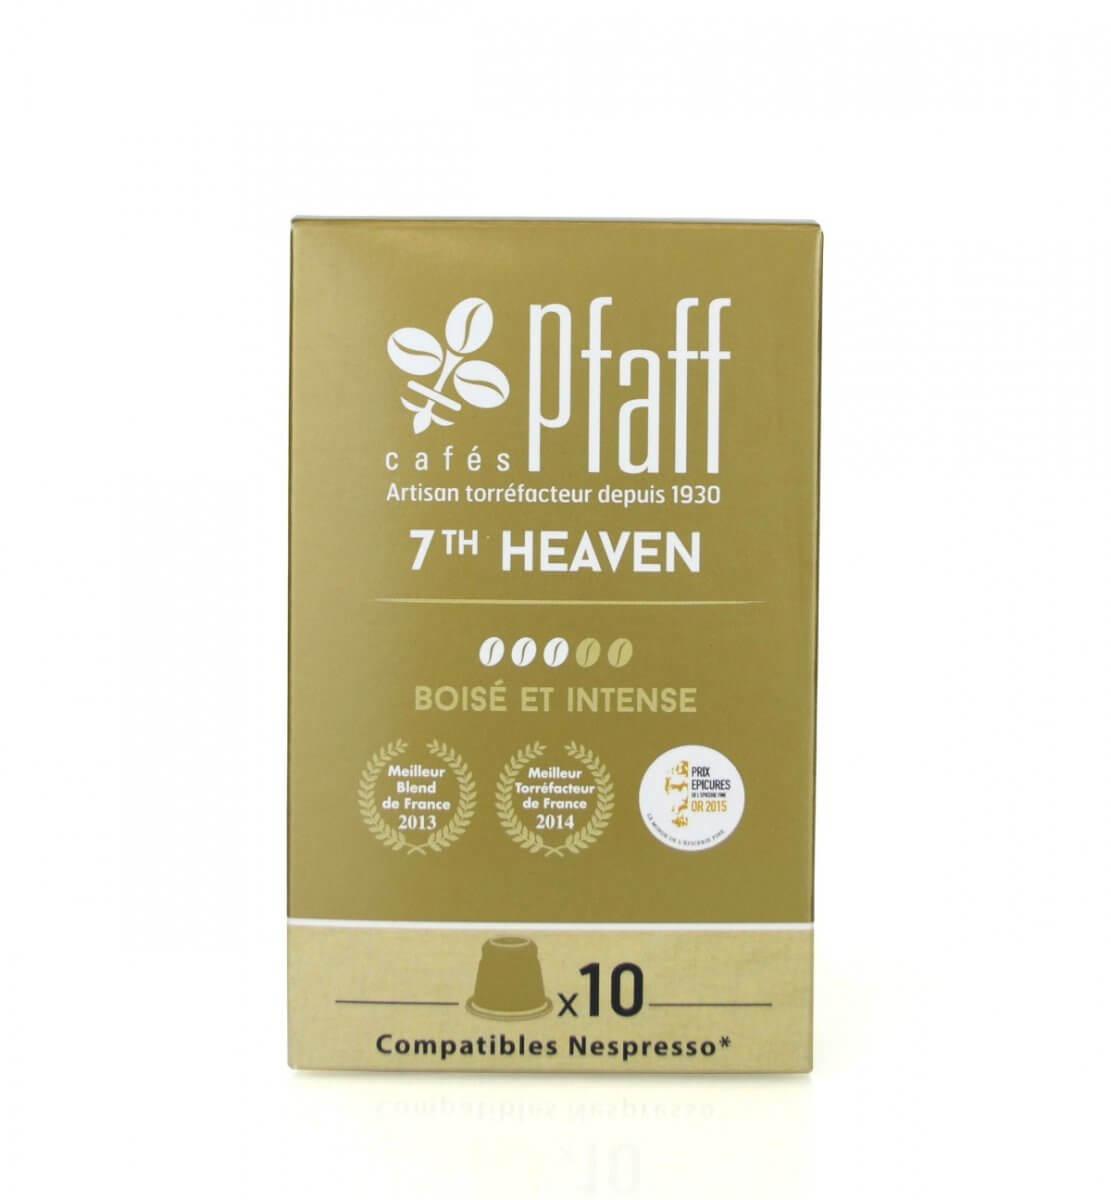 7th heaven capsules compatibles nespresso cafes pfaff